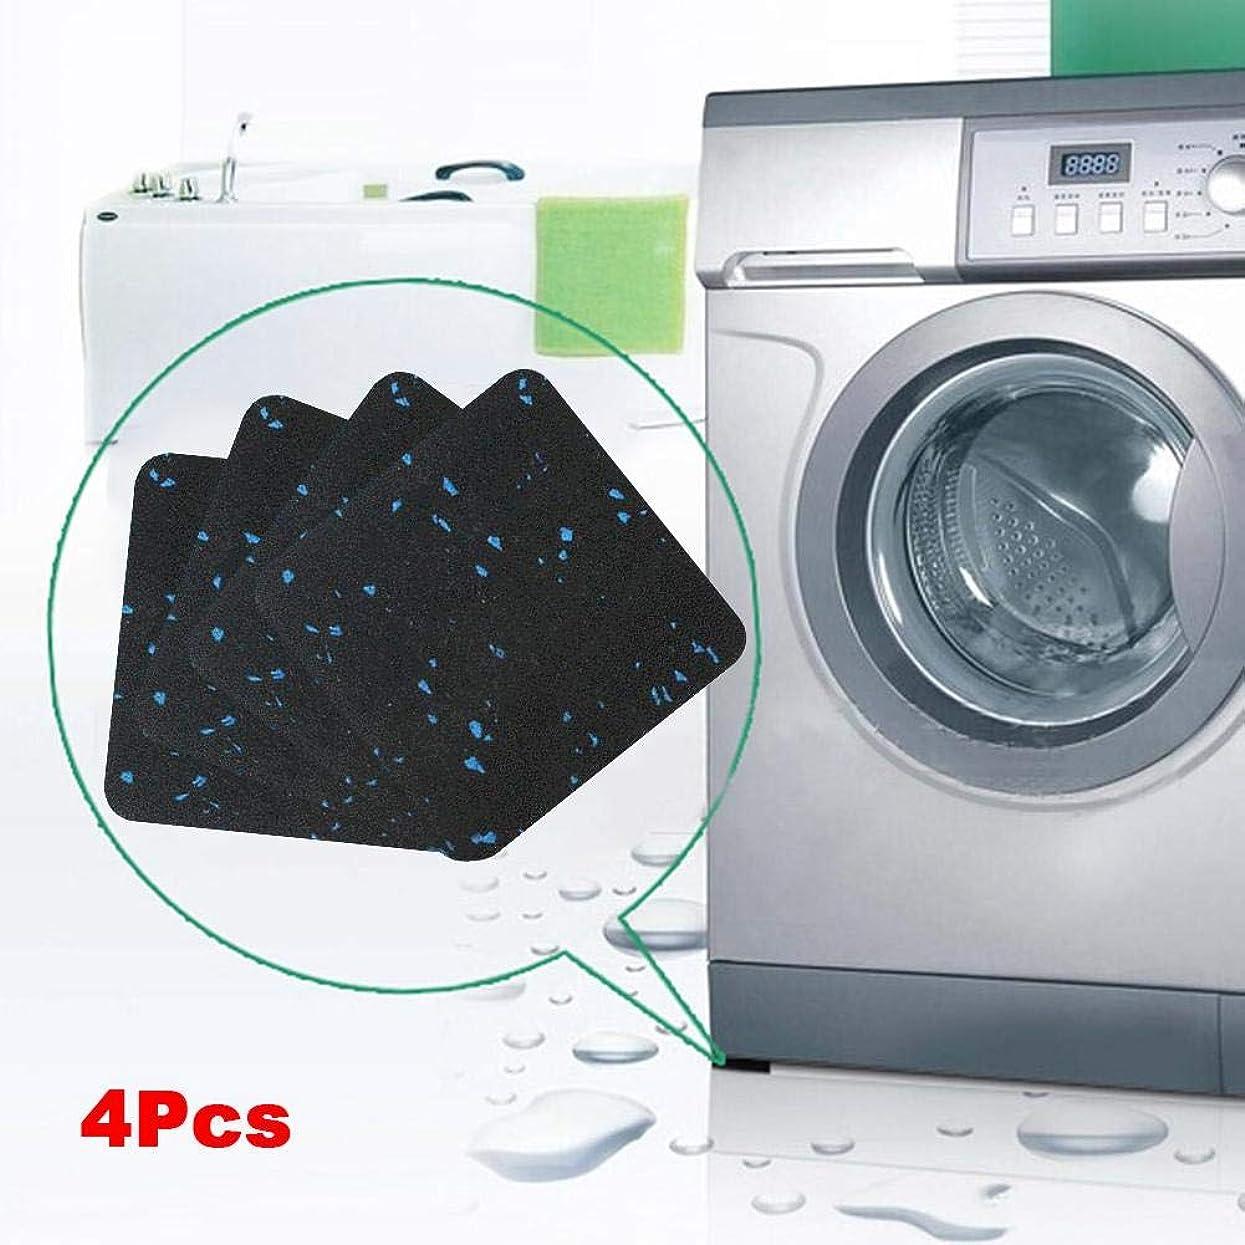 正午まもなく輸送TeFuAnAn 4個セット 洗濯機 防振パット 家具マット 振動 防音吸収パット 洗濯機ショックパッド 滑り止め 洗濯機用防振ゴム 衝撃吸収騒音防止マット濯機用 冷蔵庫用